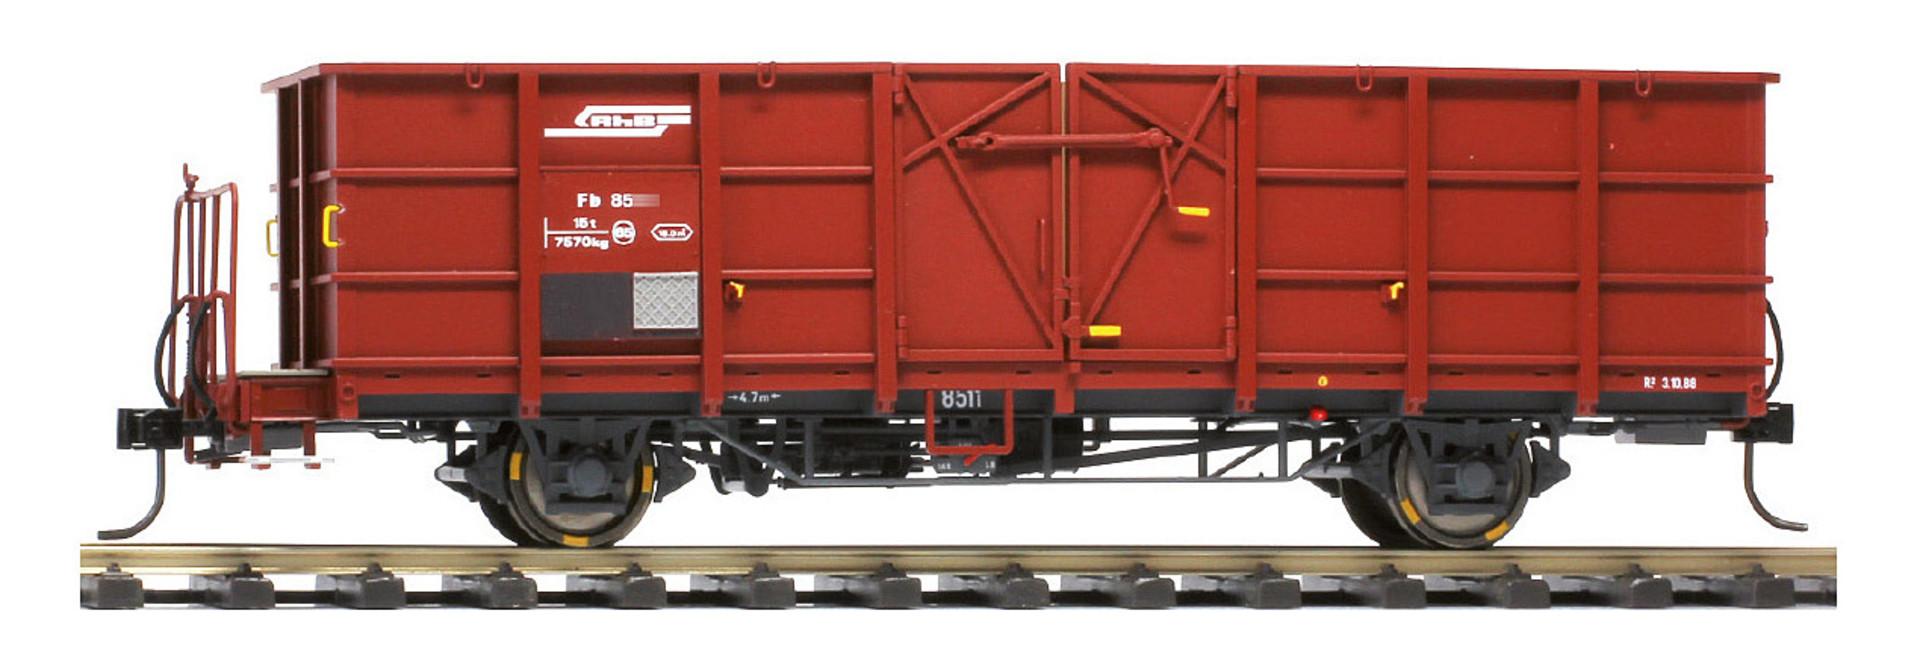 RhB Fb 8504 Stahlwand-Hochbordwagen rotbraun